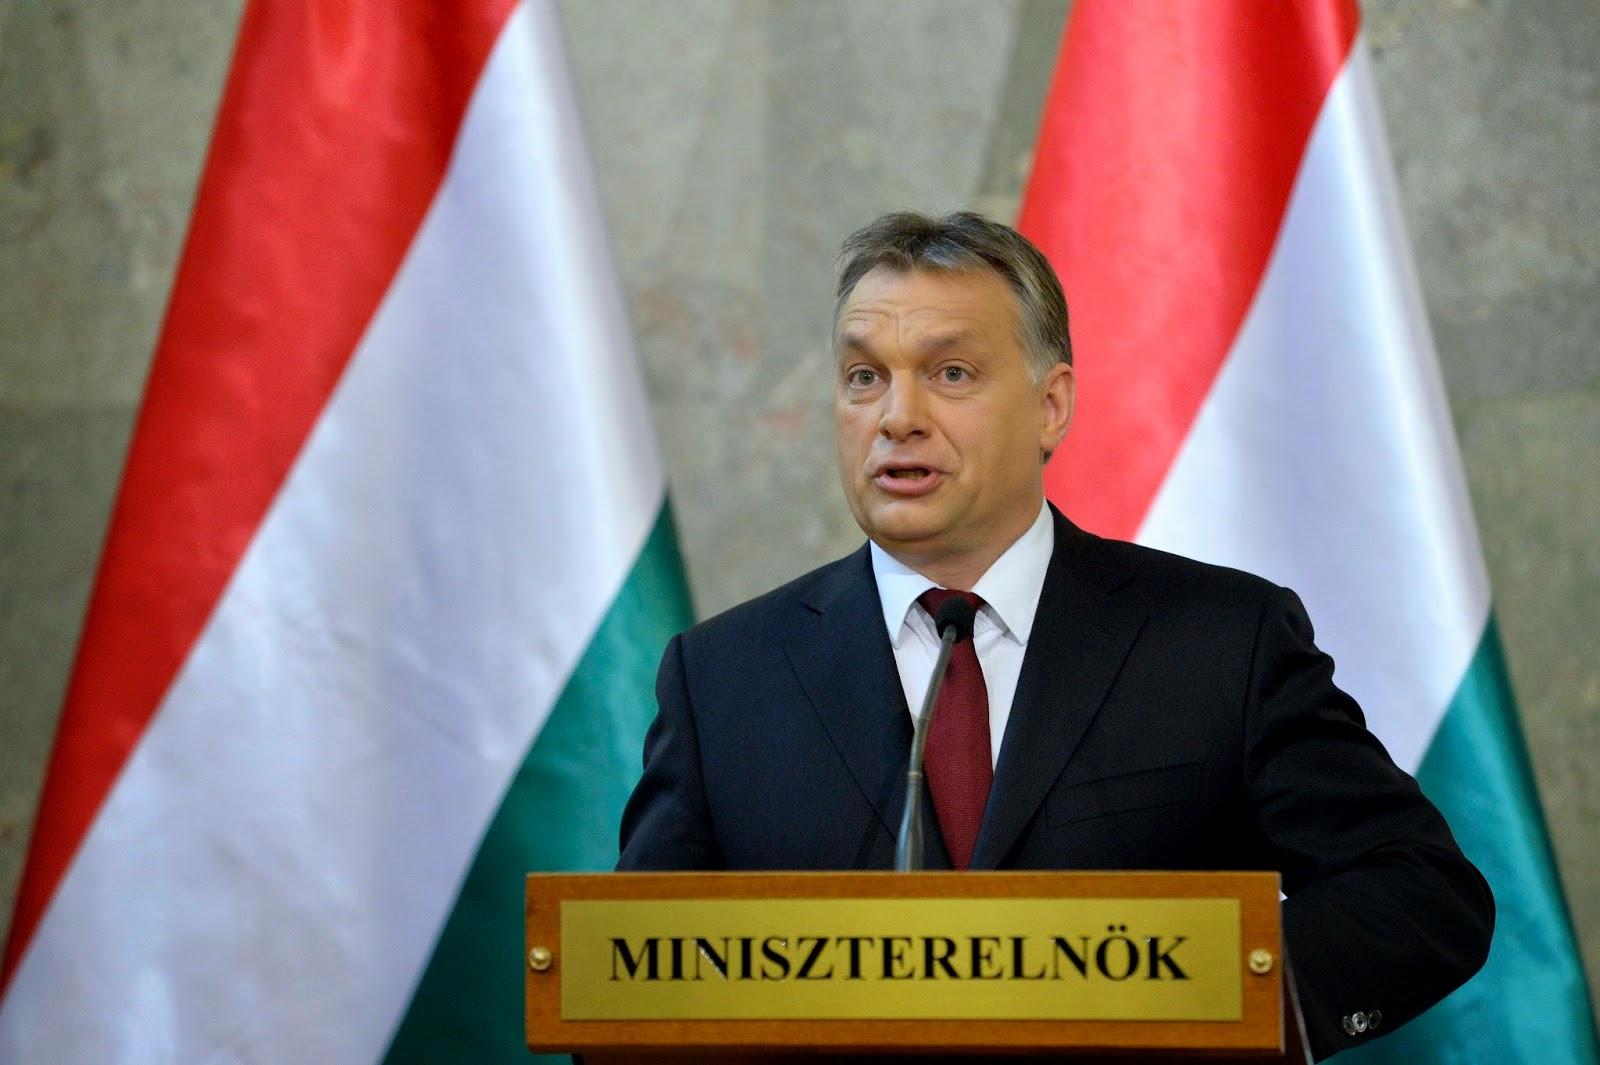 Európai Unió, Orbán Viktor, Orbán-kormány, Magyarország, gazdaság, politika, Financial Times, Telegraph,